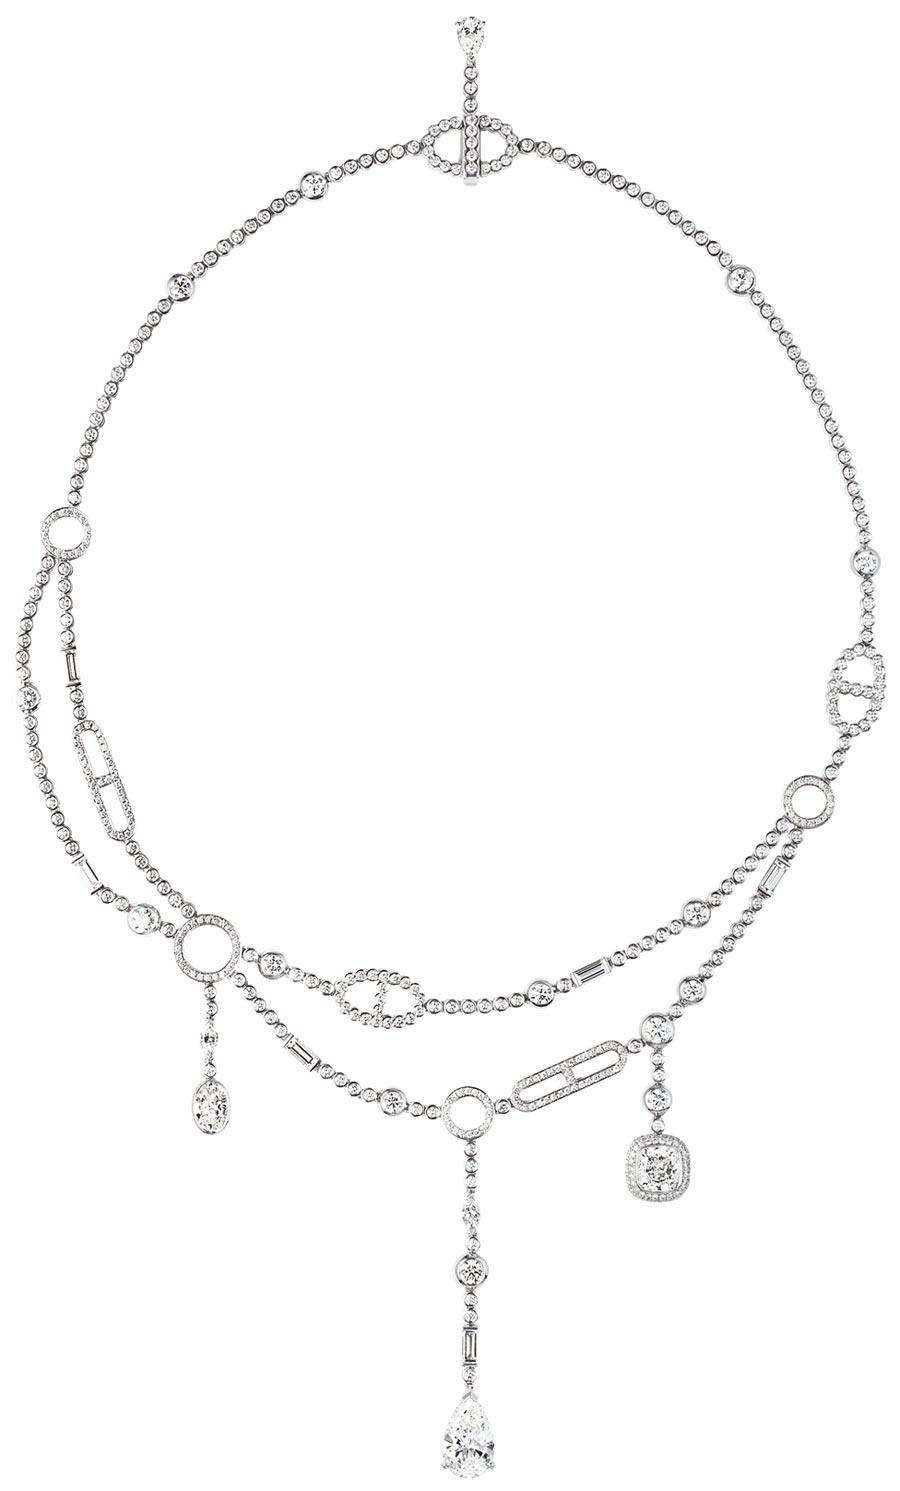 愛馬仕Petit Jete白K金鑽鏈,1875萬2400元。(HERMES提供)